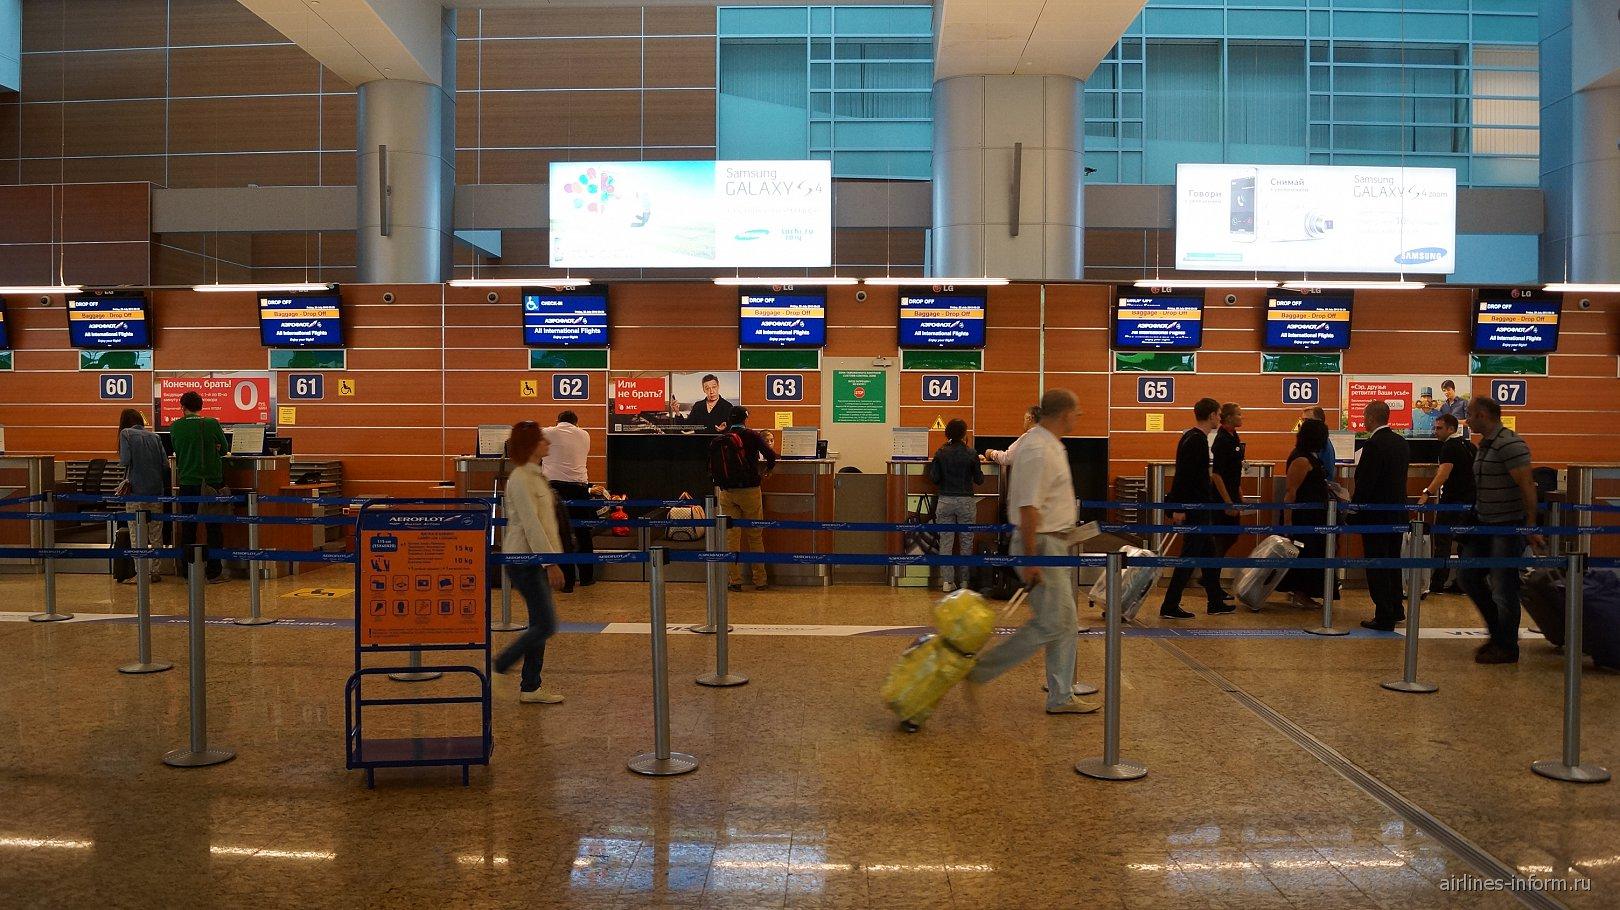 Стойки регистрации Аэрофлота в терминале D аэропорта Шереметьево